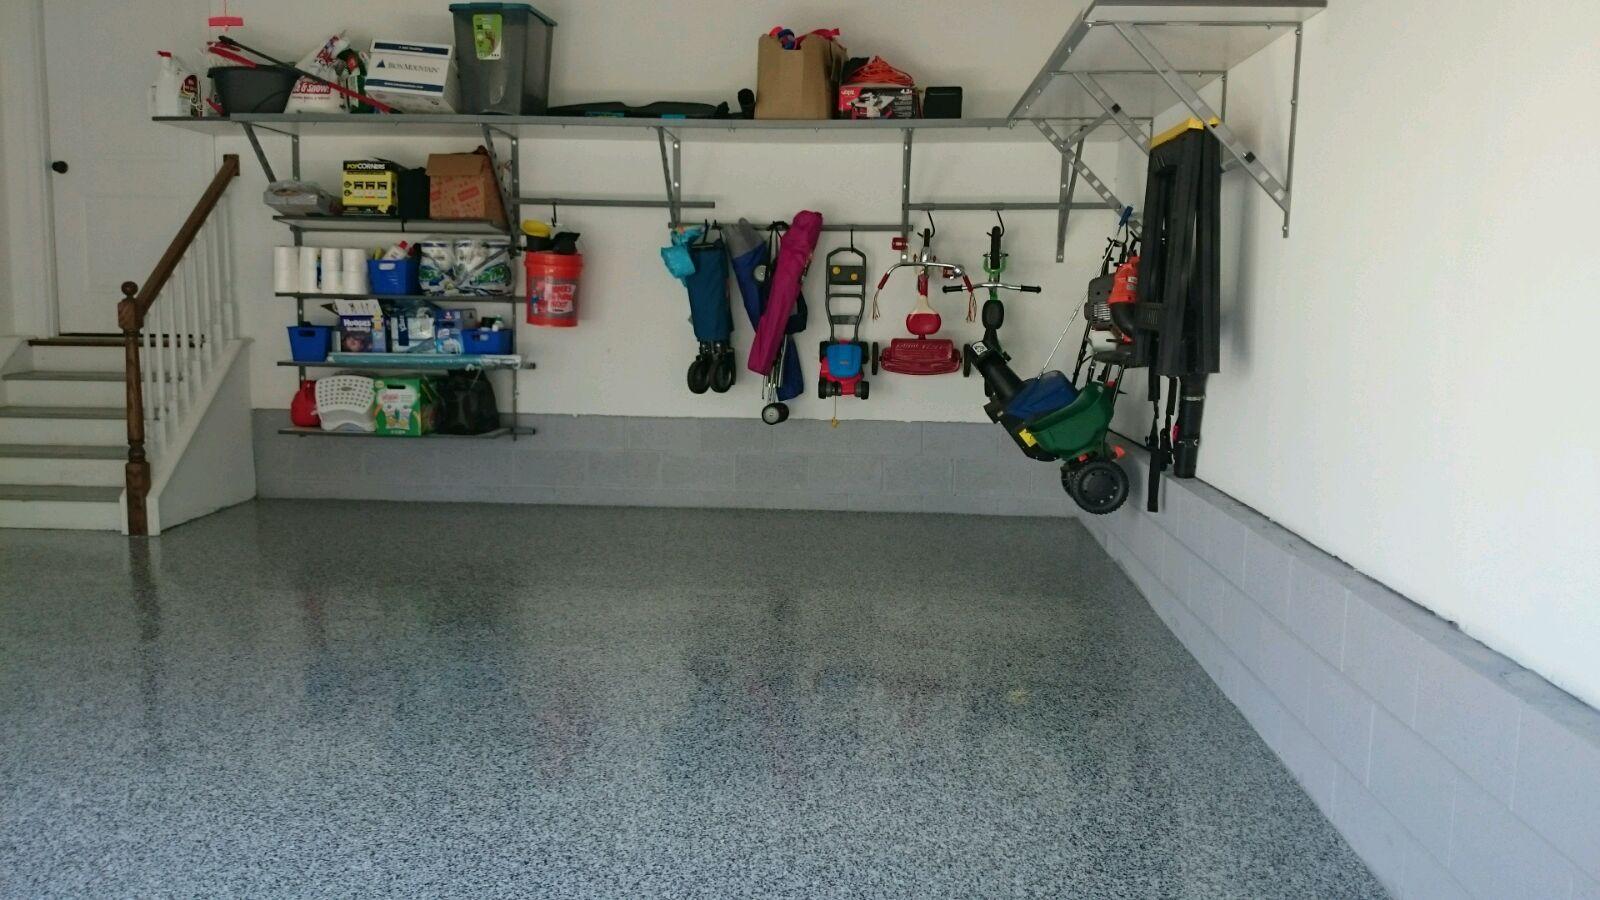 epoxy-garage-floor-paintedstem-after-3.jpg